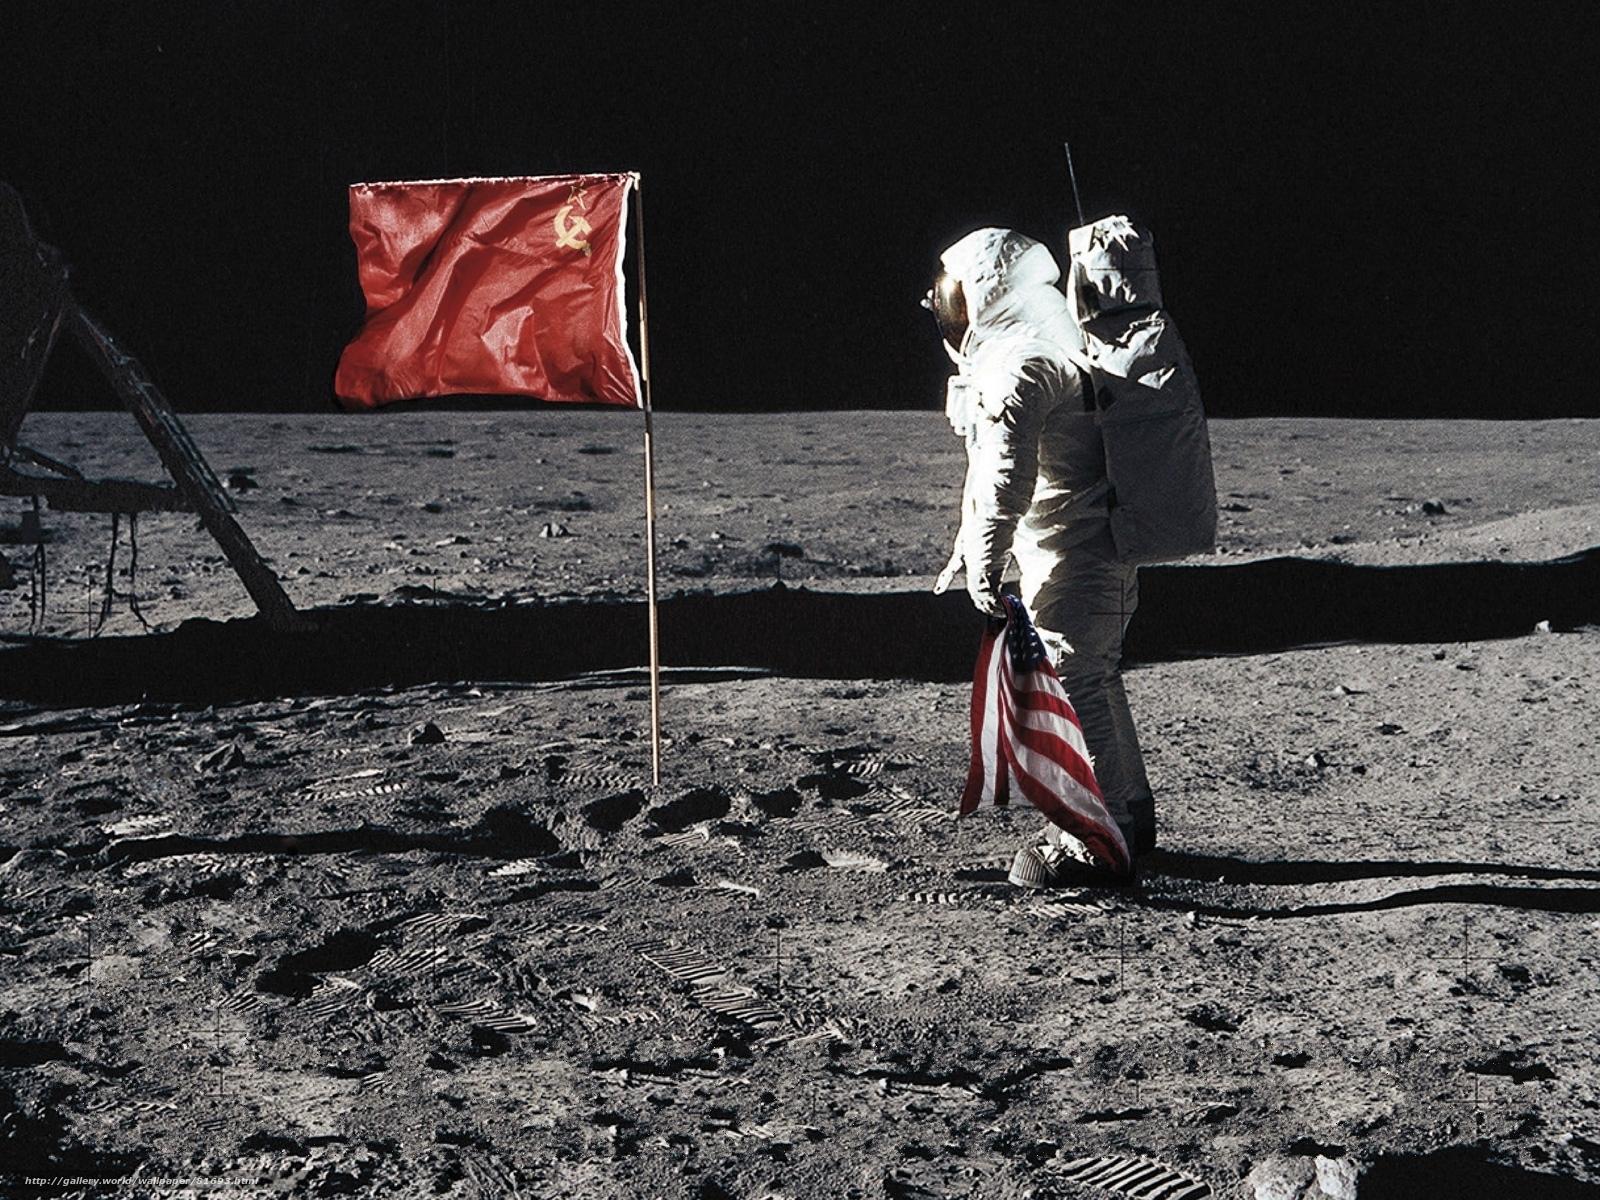 китайцы на луне смешные картинки разыскивает двоих мужчин